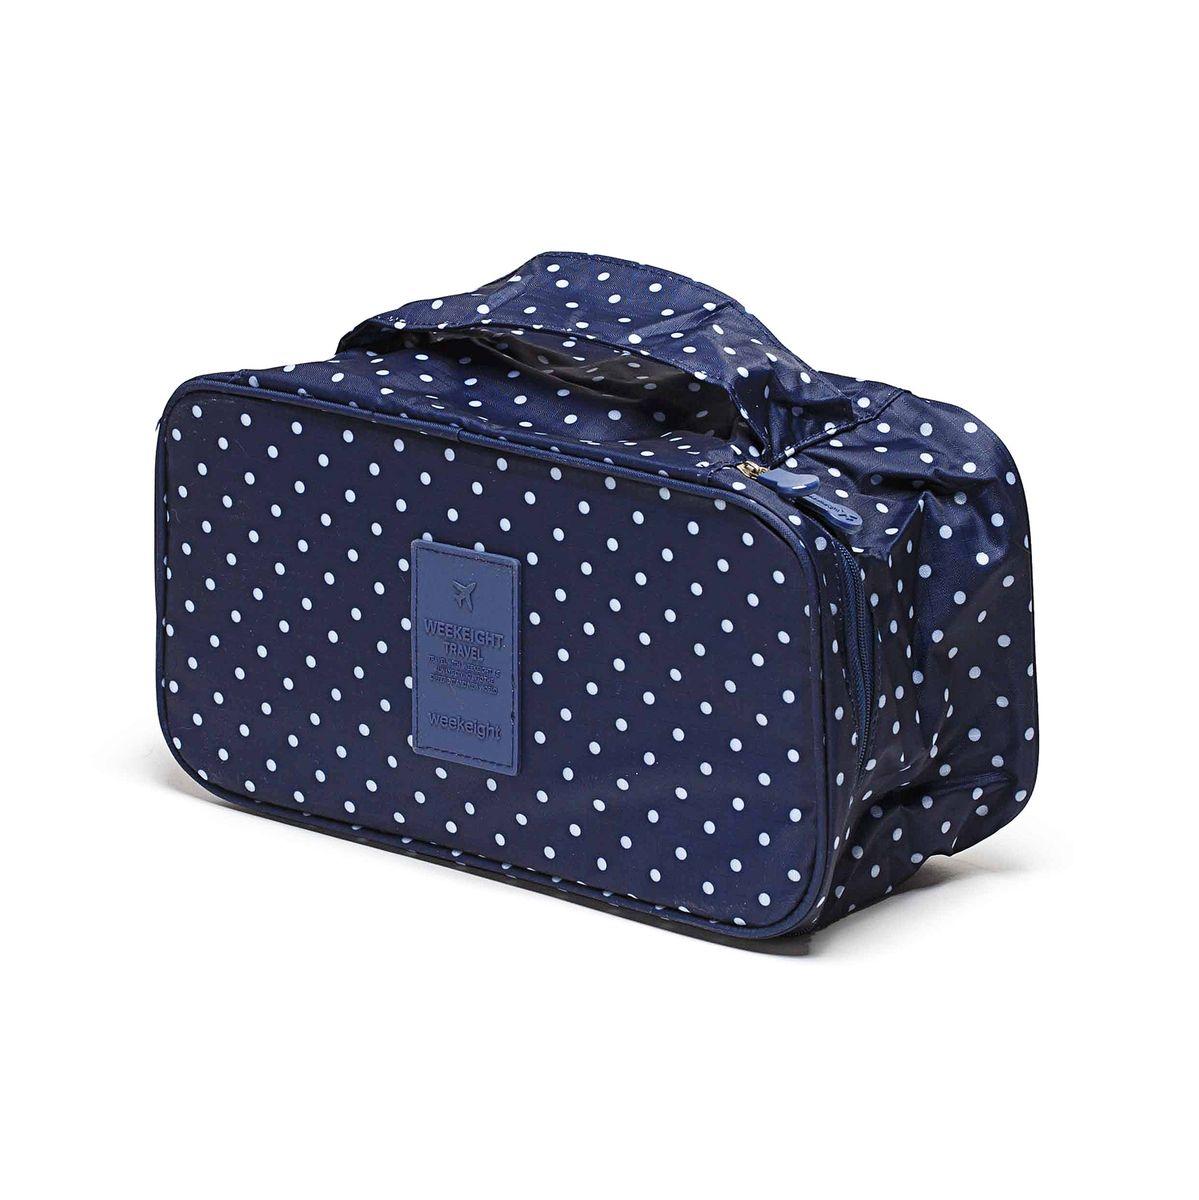 Косметичка-органайзер Homsu, цвет: синий, 28 x 13 x 15 смHOM-355Косметичка-органайзер Homsu выполнена из высококачественного полиэстера. Закрывается изделие на застежку-молнию. Внутри имеется 4 отделения для мелочей, а также дополнительная сумочка размером 22 х 14 см, которая крепится к косметичке посредством липучки и надежно защищает ваши вещи за счет удобной молнии. Теперь вы сможете всегда брать с собой все, что вам может понадобиться. Сверху органайзера имеется ручка для удобной переноски. Косметичка-органайзер Homsu станет незаменимым аксессуаром для любой девушки. Размер косметички: 28 х 13 х 15 см. Размер сумочки: 22 х 14 см.